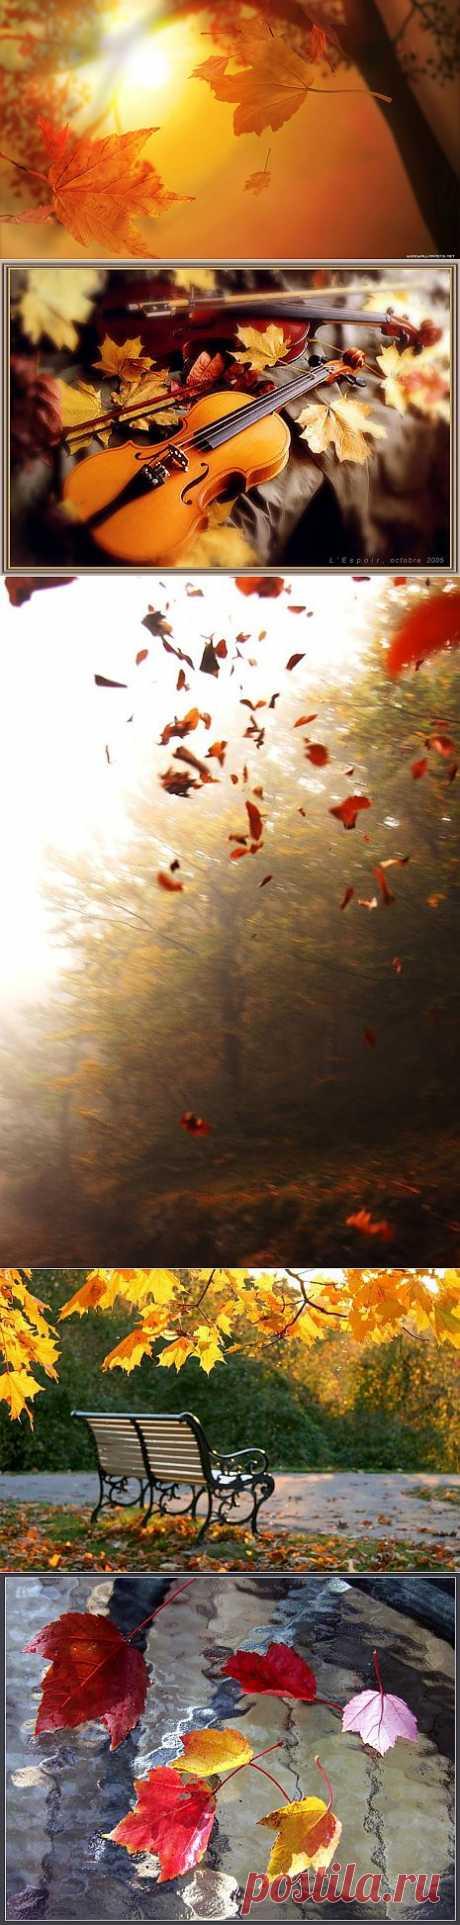 Осенняя скрипка – прозрачная мука прощального взмаха листвы...